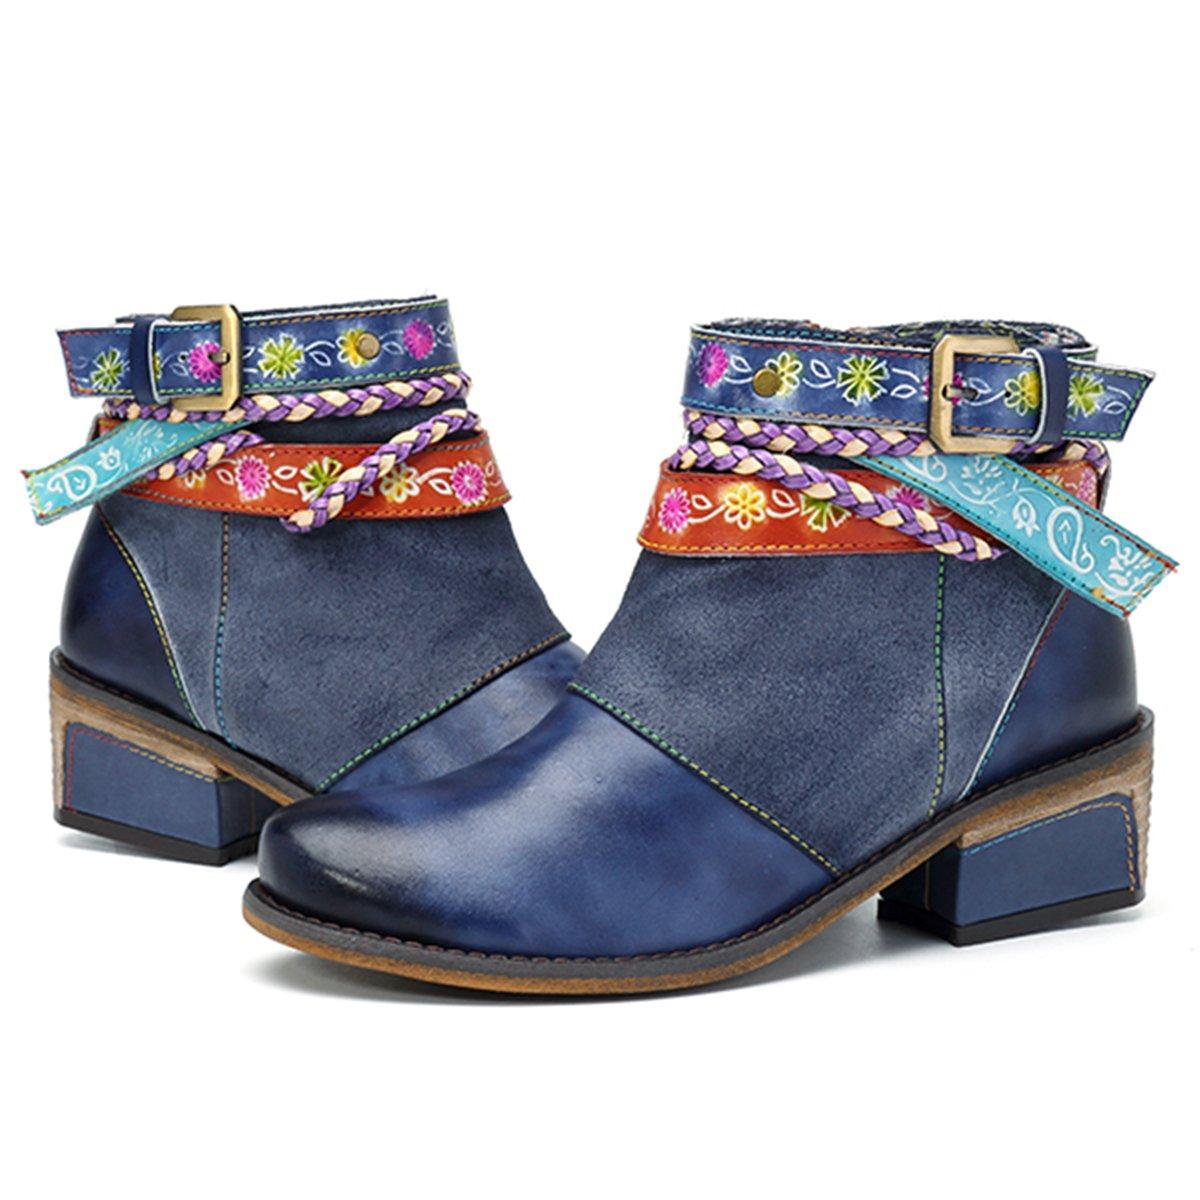 Socofy Mujer Botines de Trabajo en Piel Genuina Zapatos de Trabajo Mocasines de Primavera Flores Botas Casuales Botín bajo con Cremallera Mujer Martin Boots Zapatos de Mujer Hechos a Mano36 EU|Azul